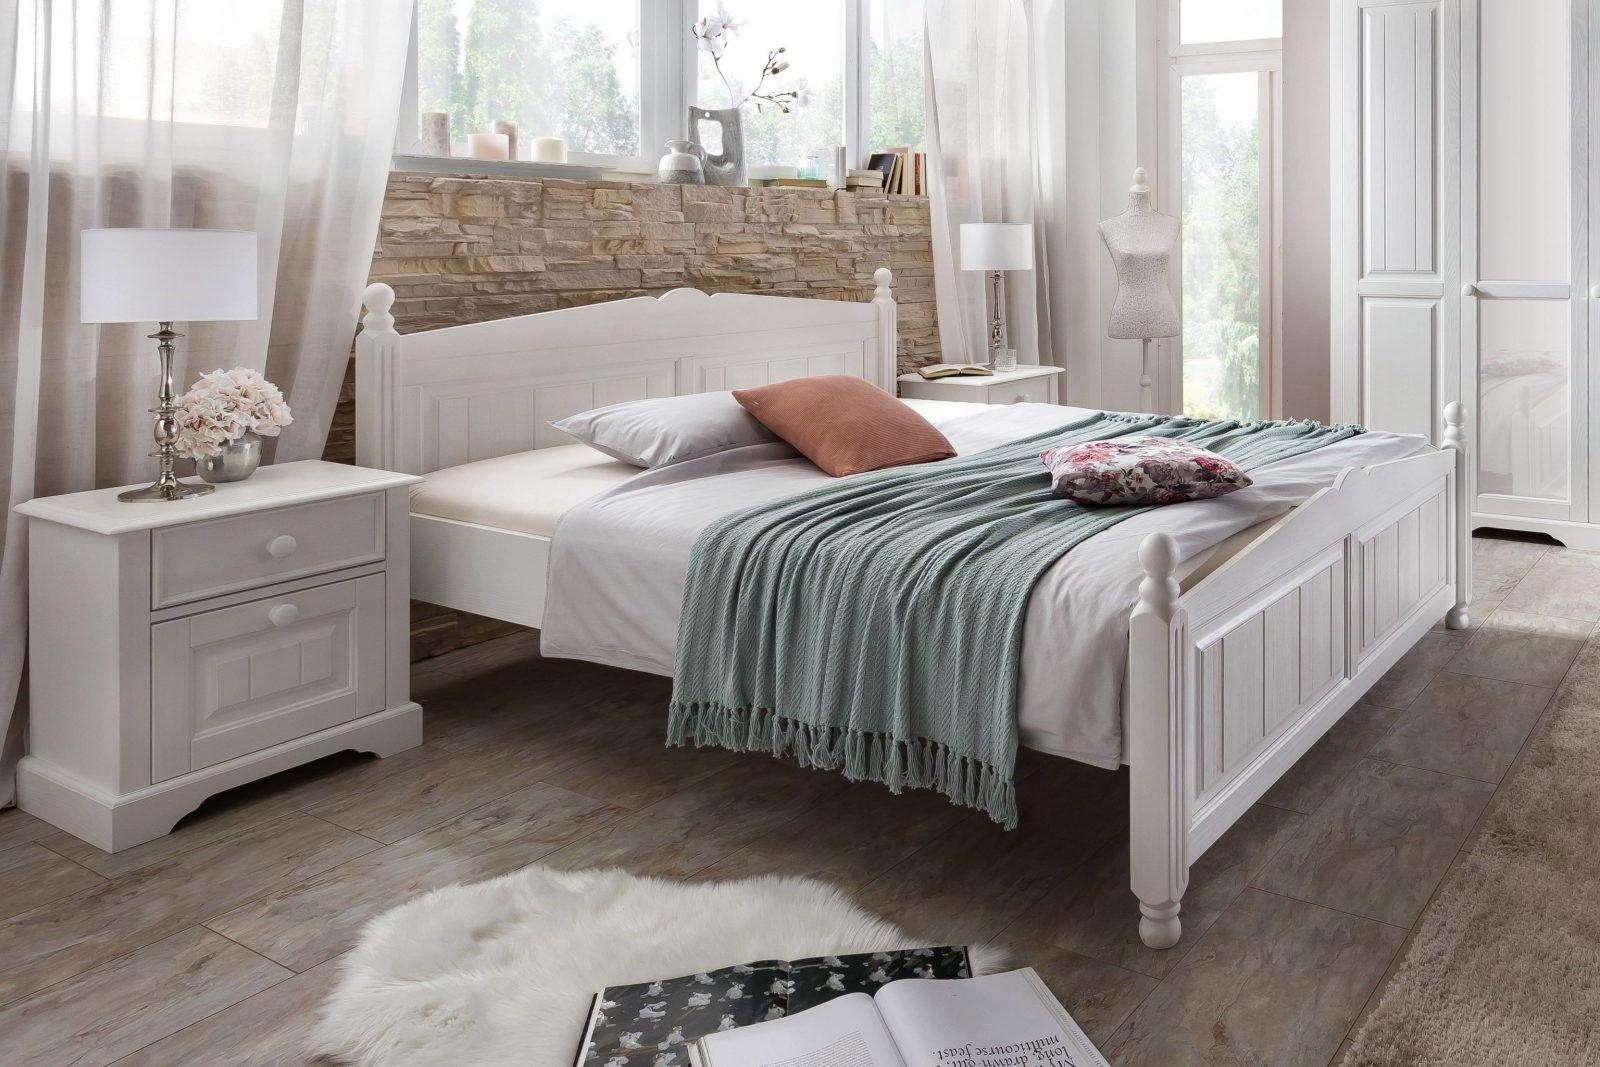 Telmex Pisa Schlafzimmer Pinie Landhaus  Möbel Letz  Ihr Onlineshop von Schlafzimmer Im Landhausstil Weiß Bild